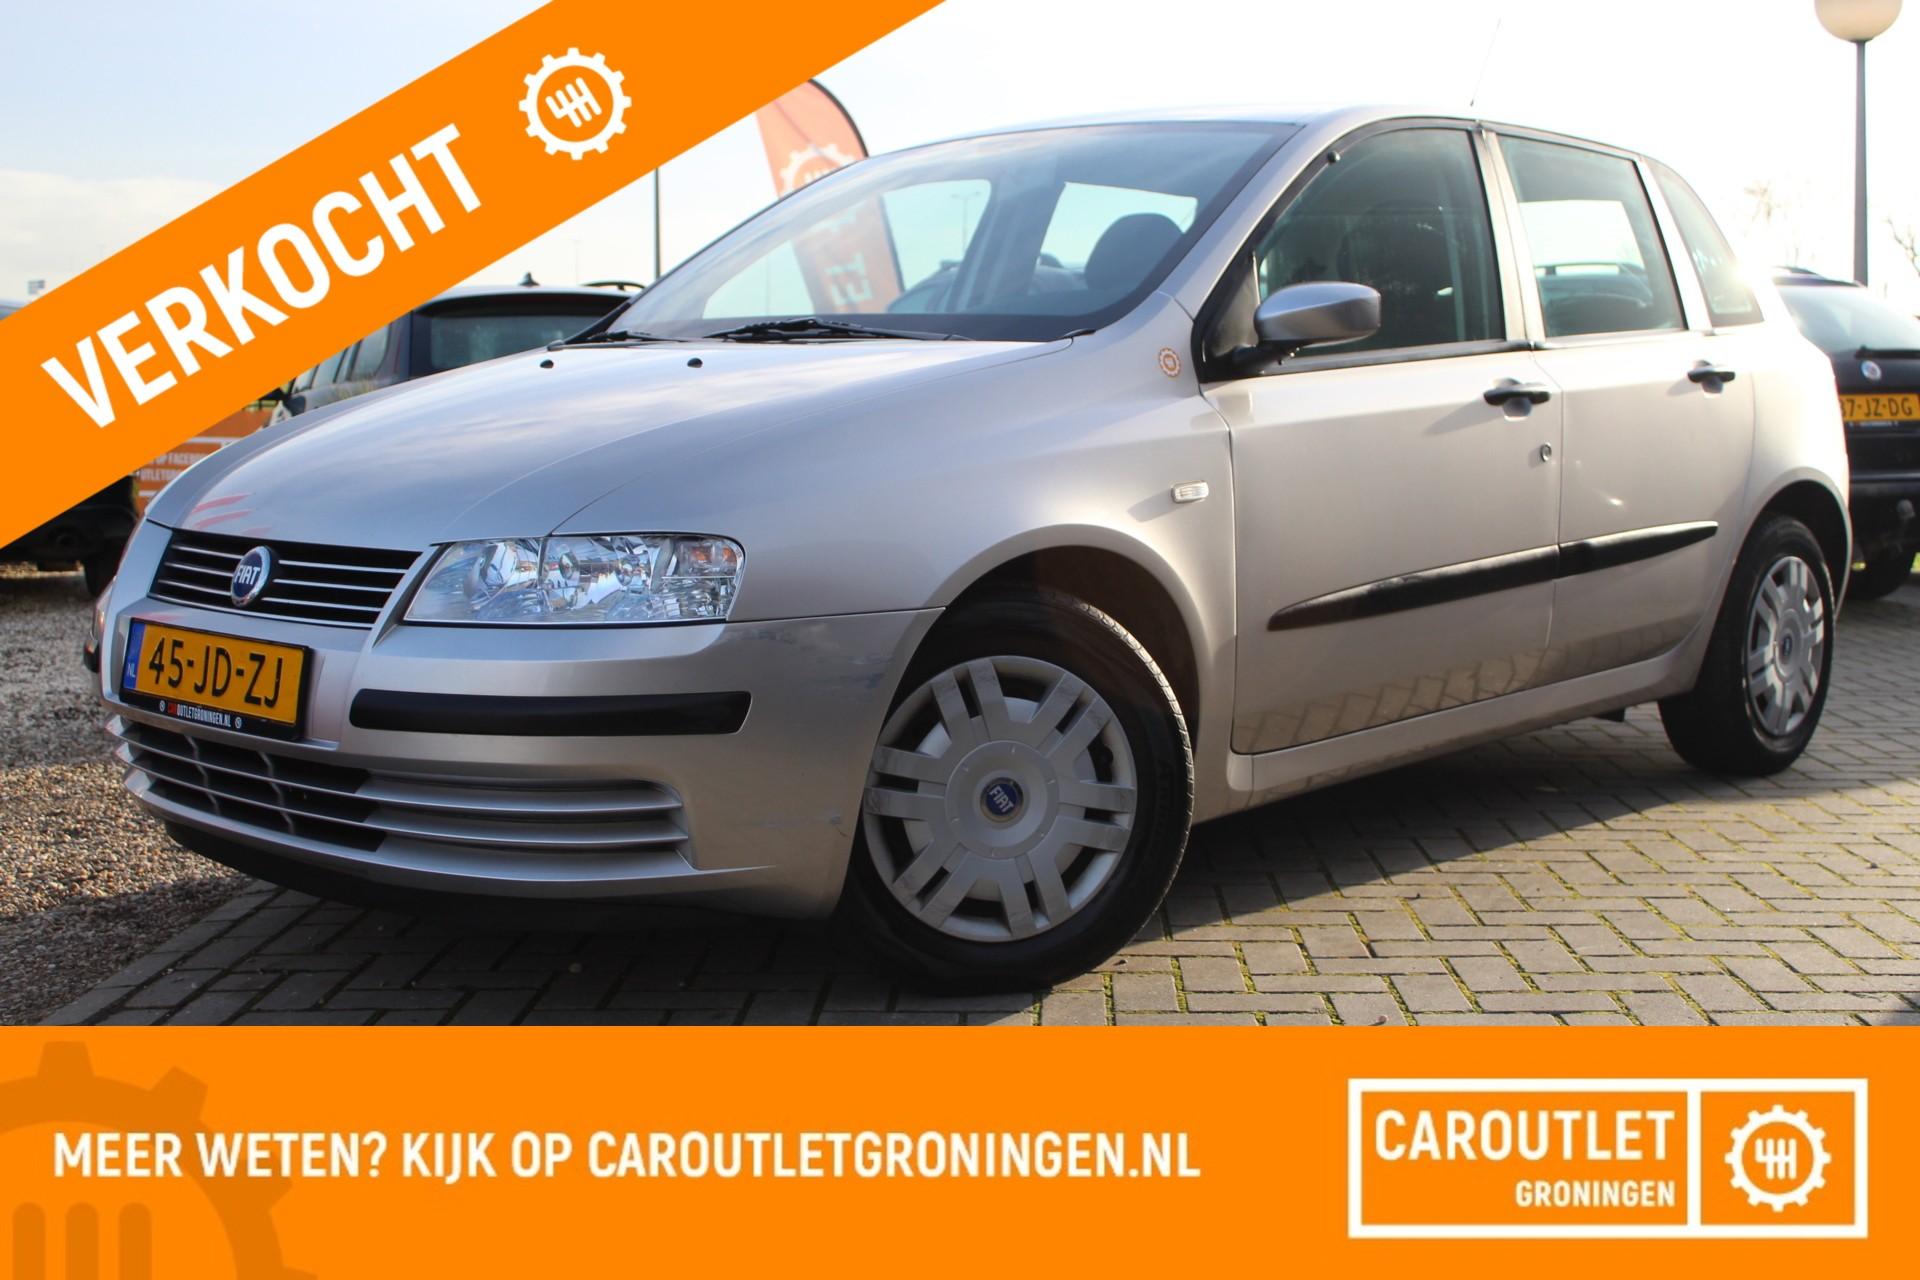 Caroutlet Groningen - Fiat Stilo 1.2-16V Active   5 DEURS   TOPSTAAT   2E EIGENAAR